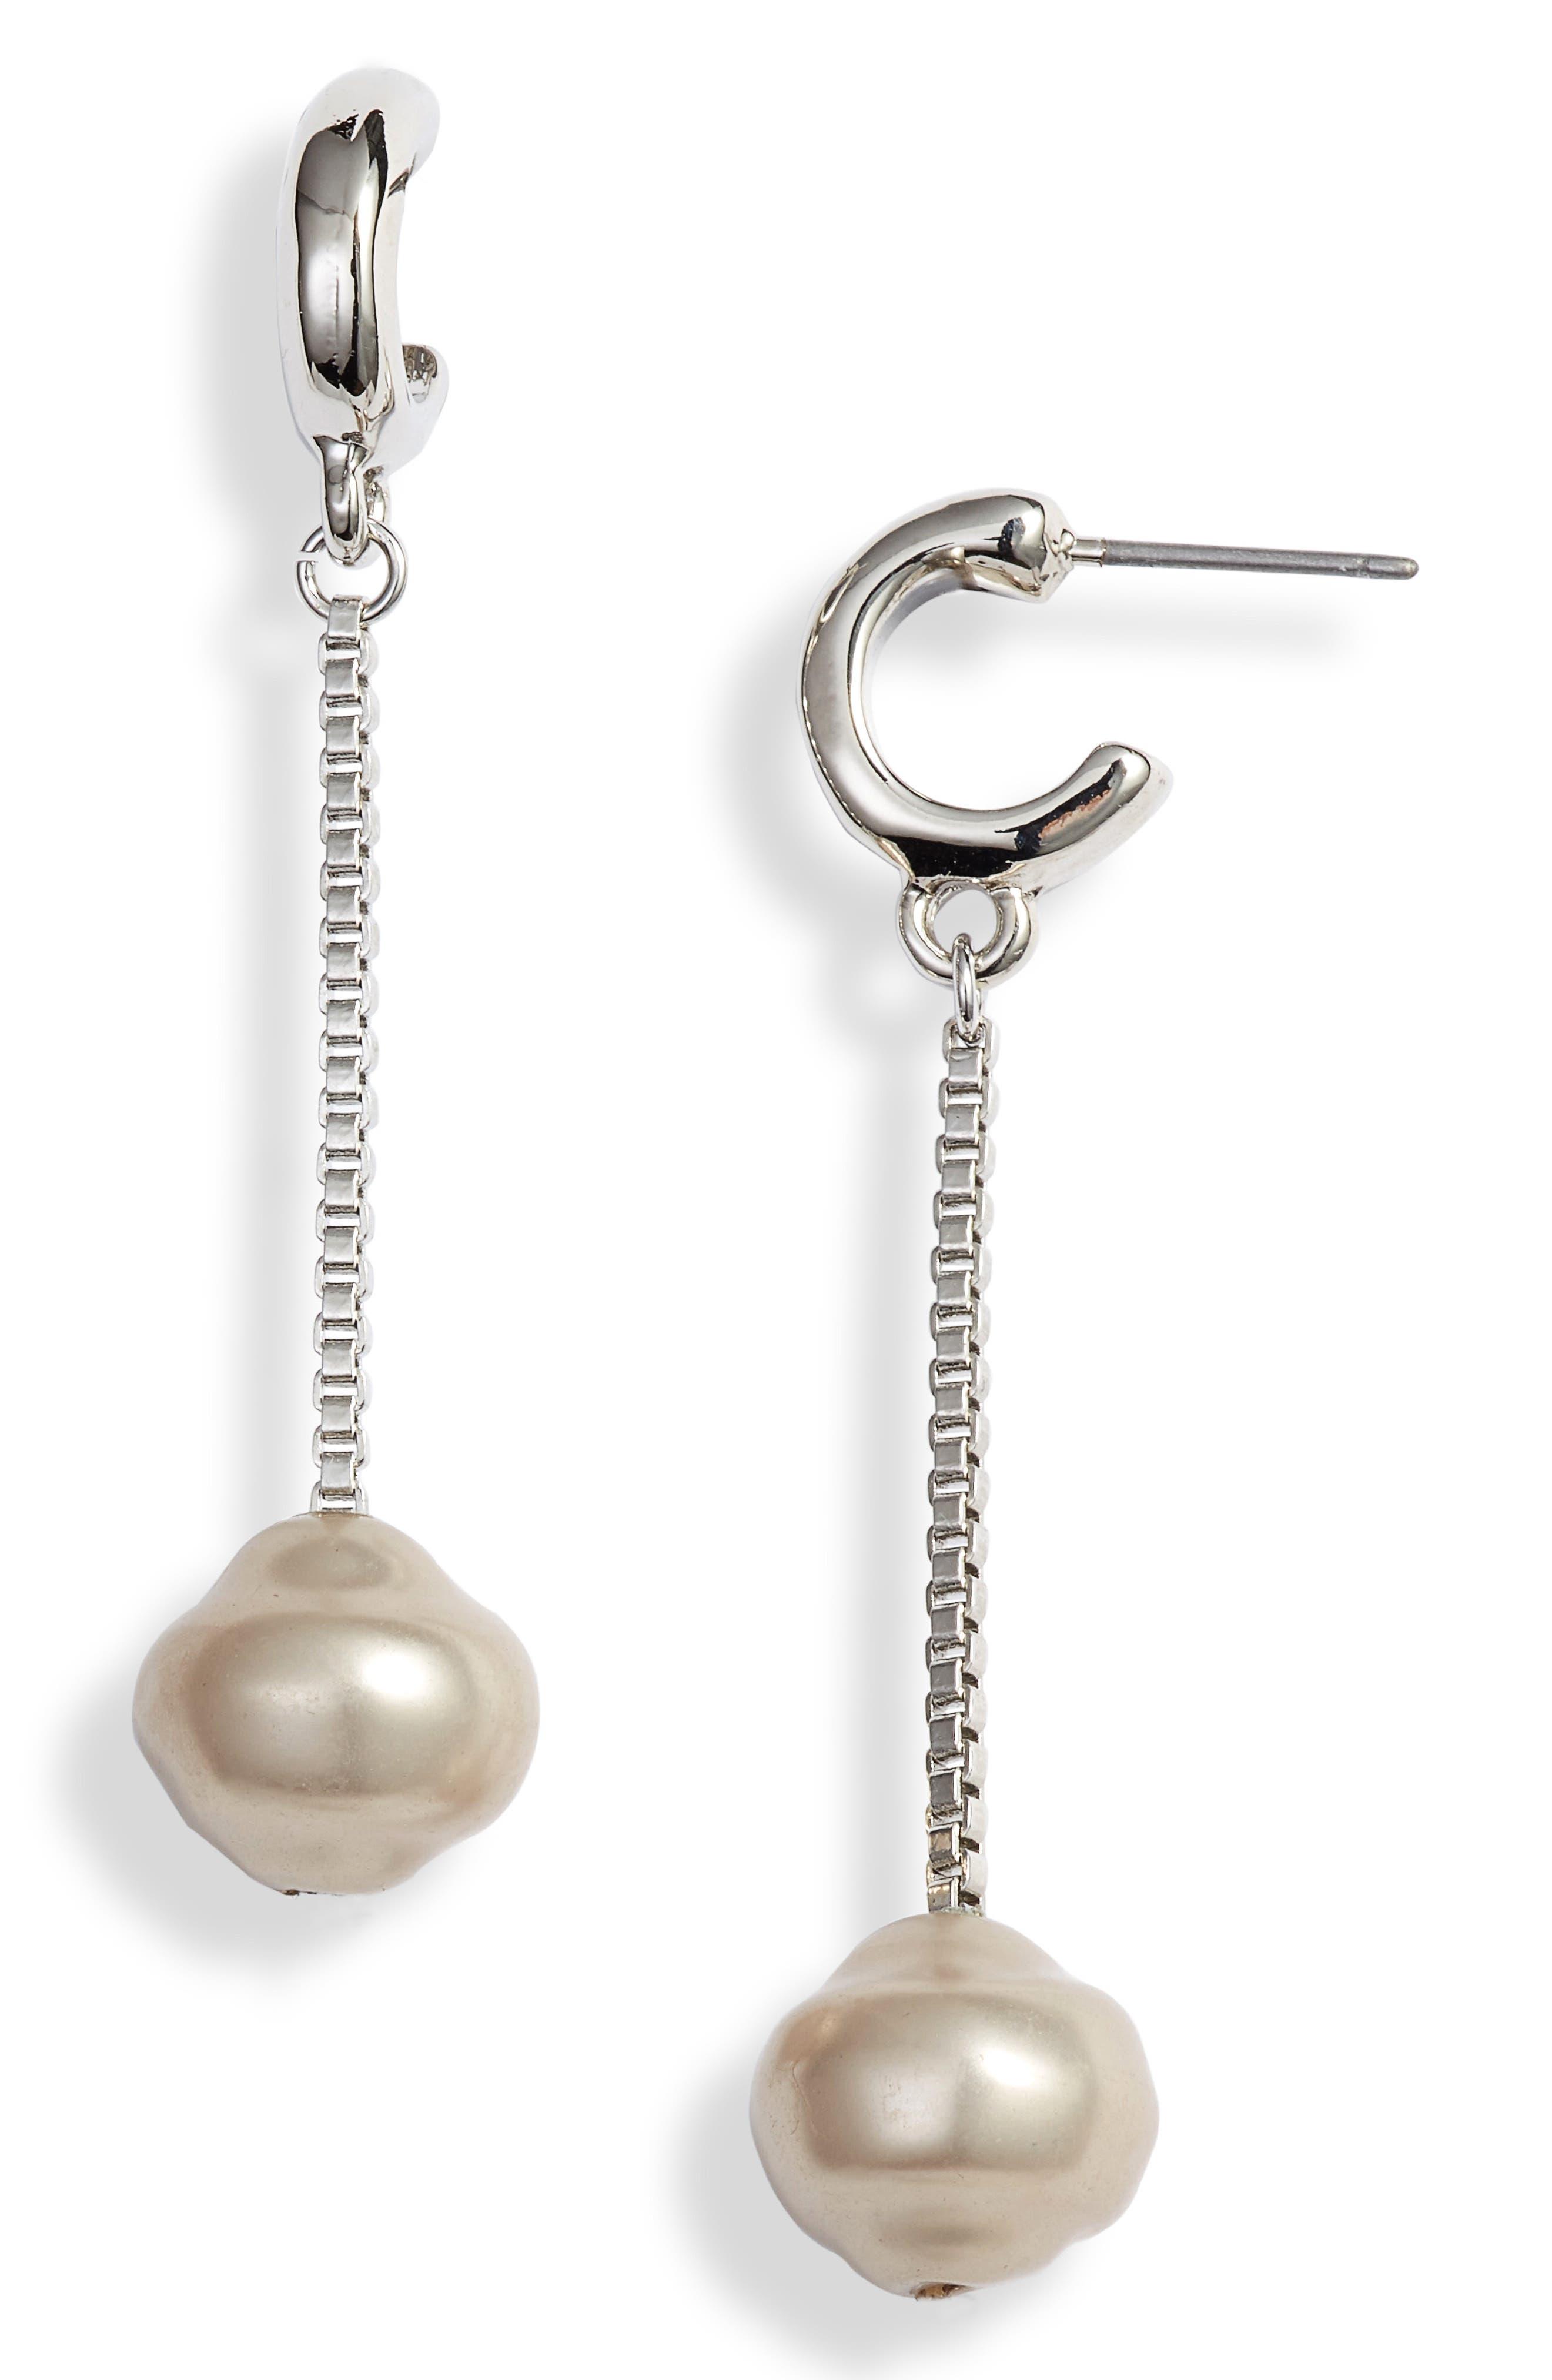 Linear Orb Drop Earrings,                             Main thumbnail 1, color,                             GREY- RHODIUM